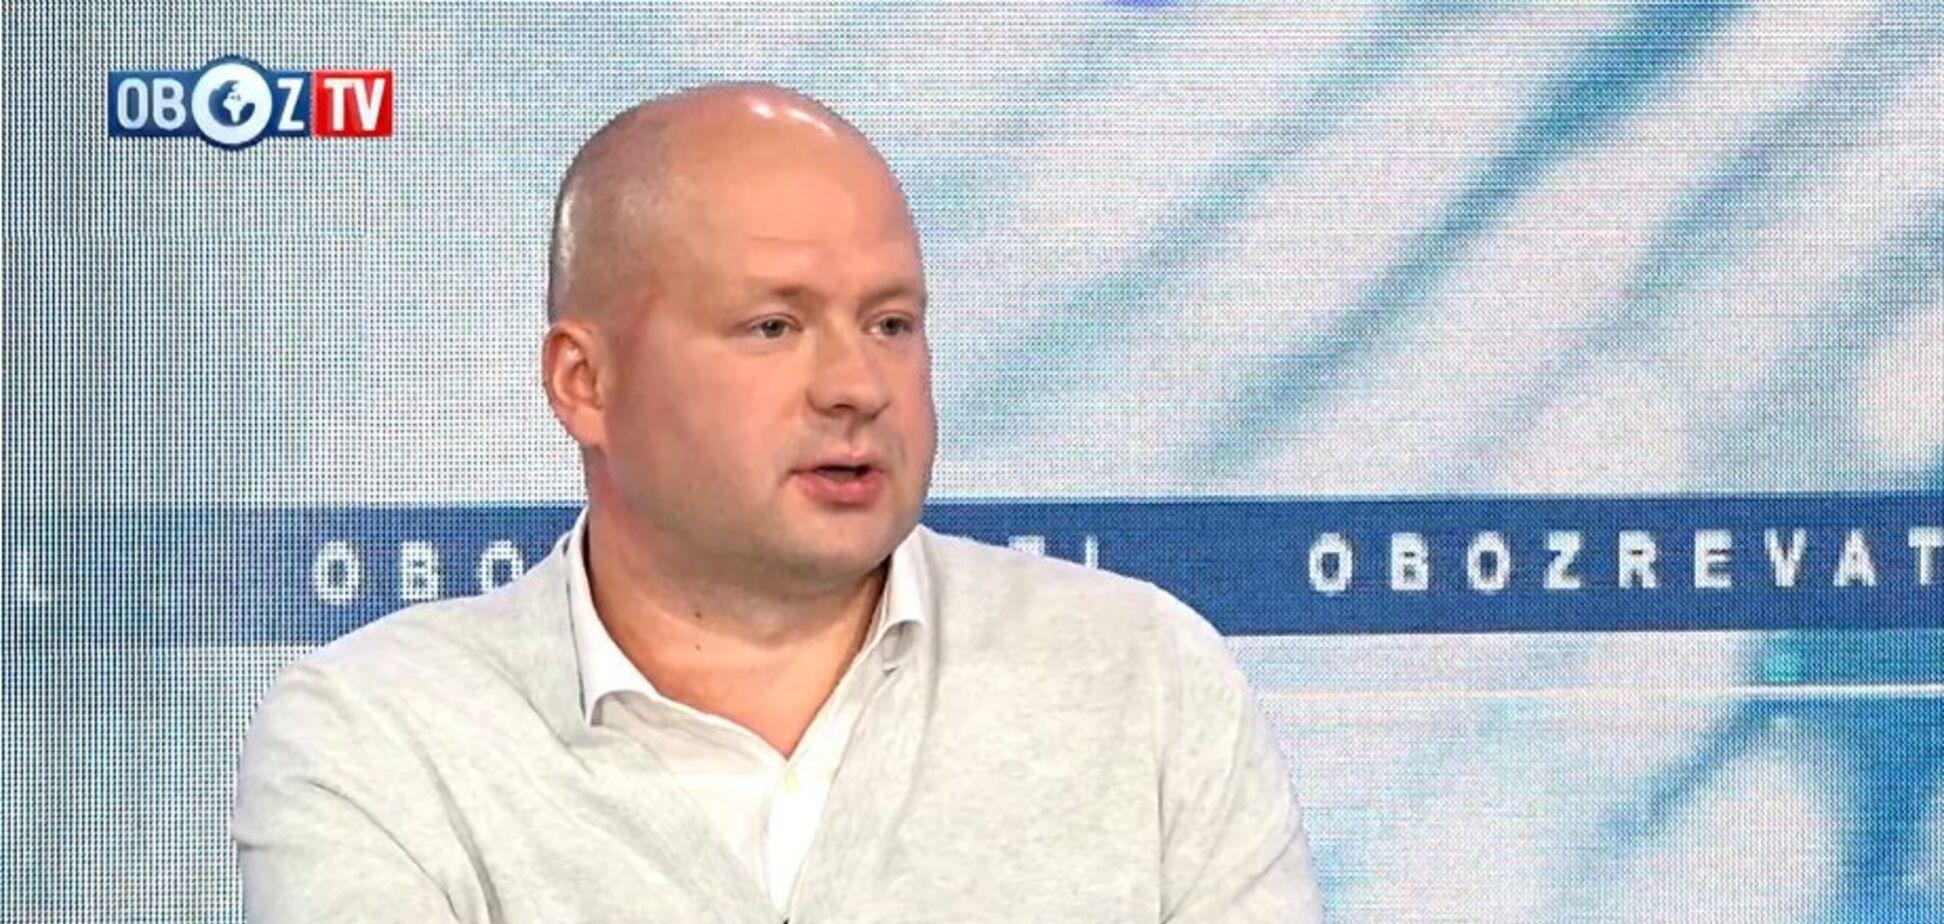 Украина может диктовать свои условия РФ в газовых вопросах: эксперт